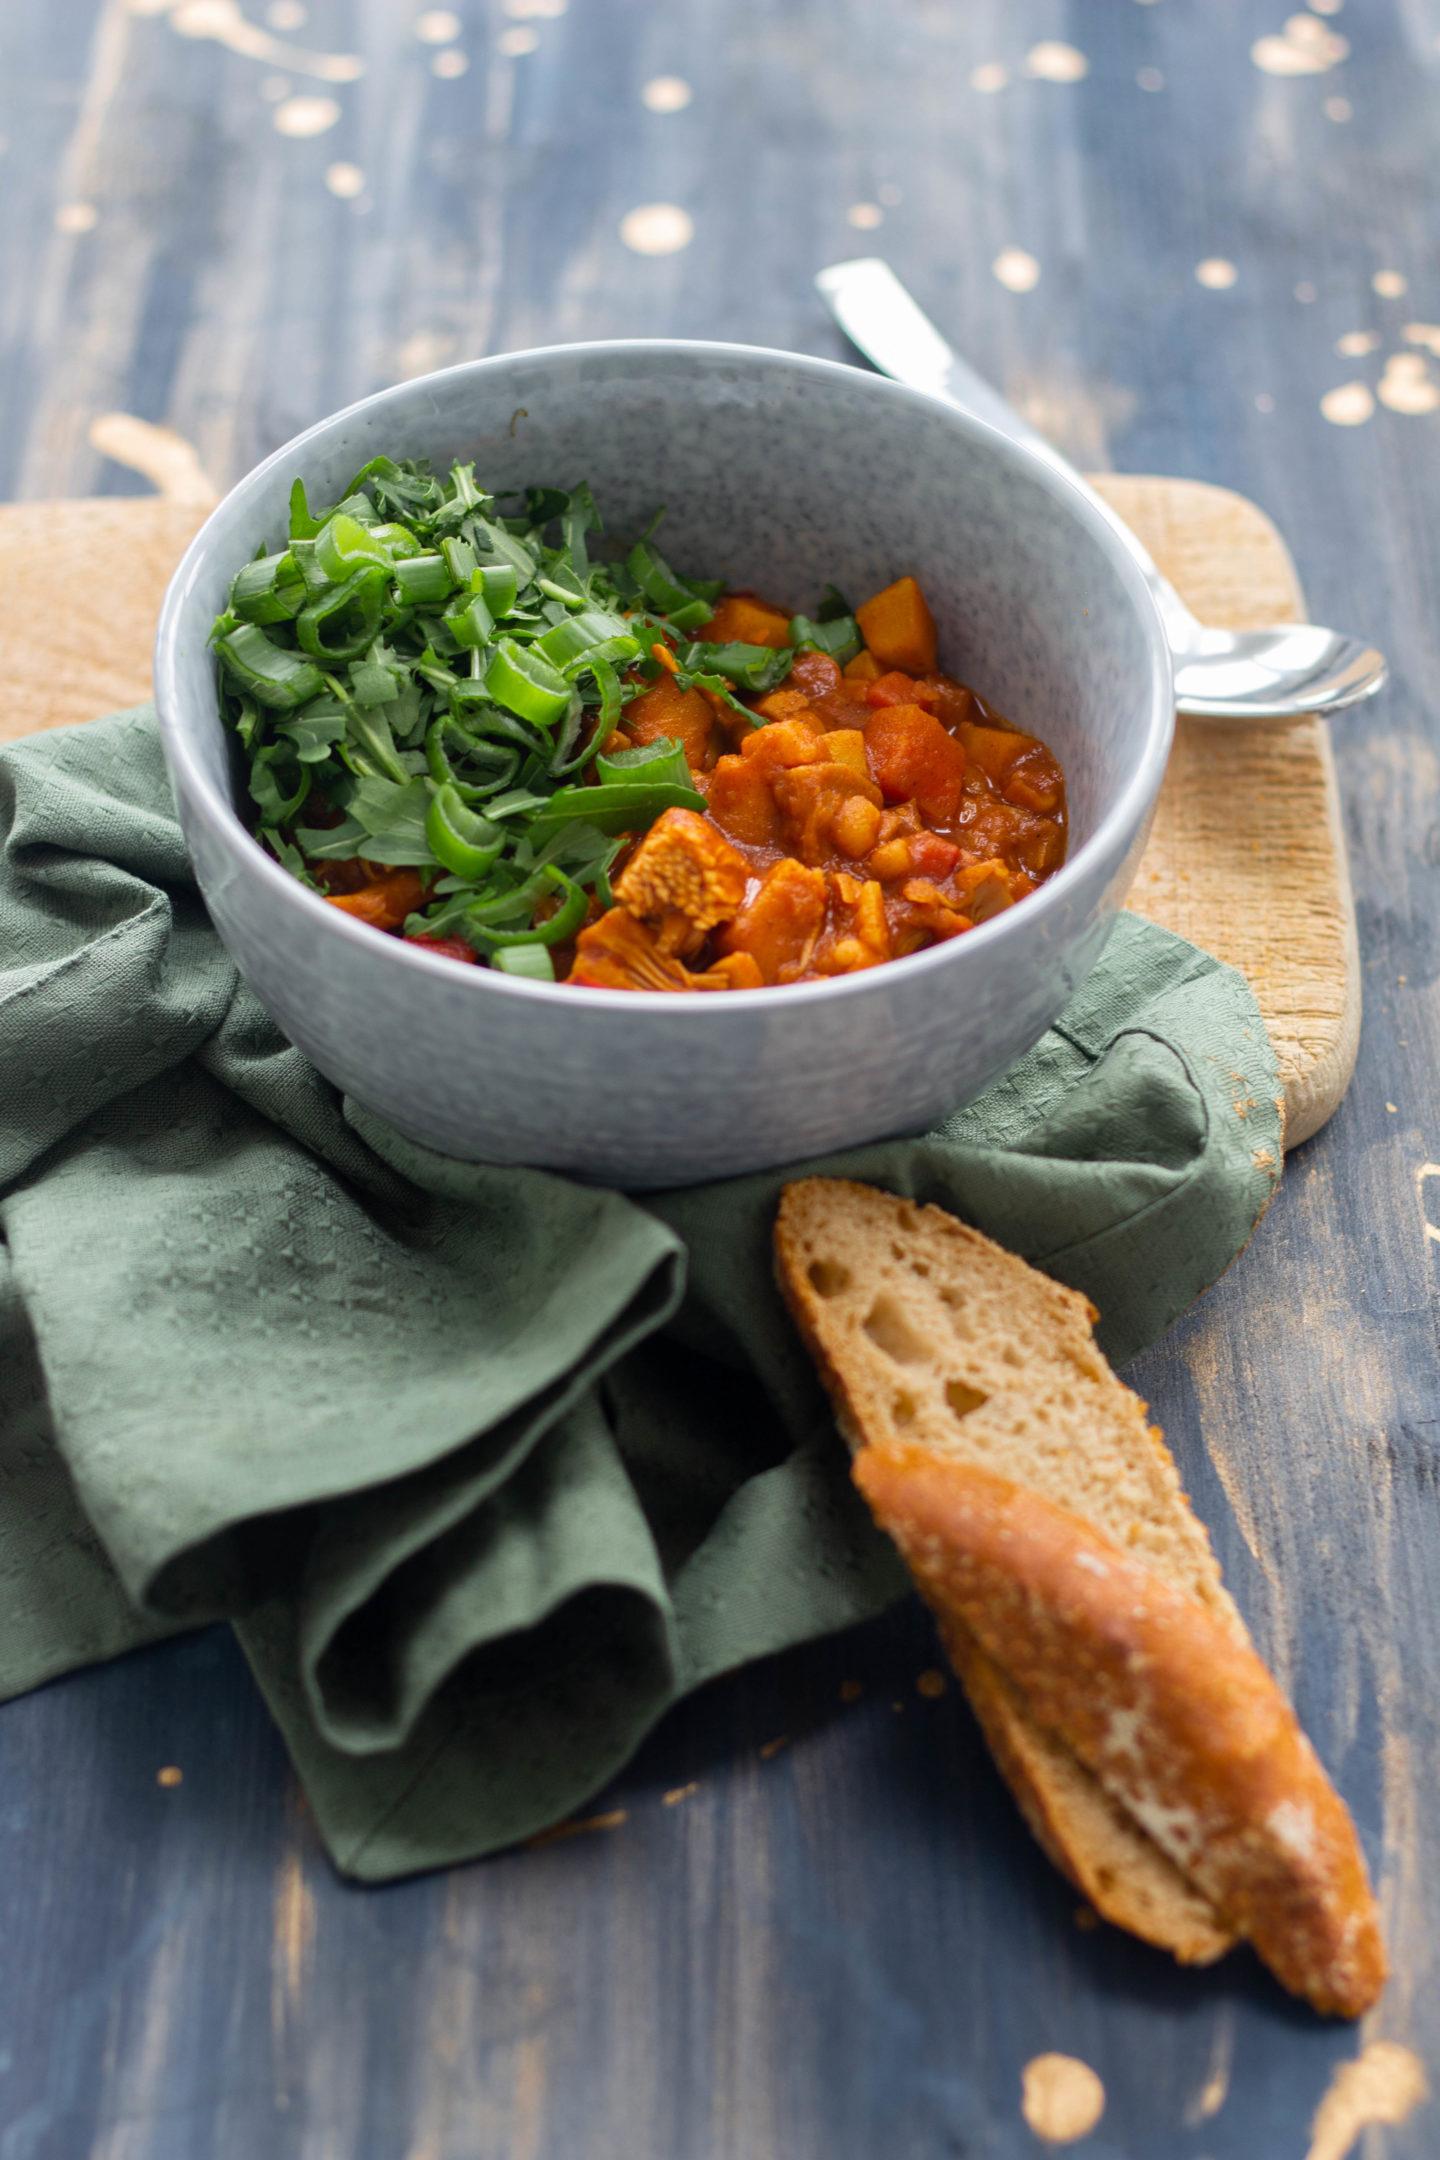 Veganer Gulascheintopf mit Jackfrucht und Rucola- Soulfood-Winter-Dein Homespa- Food & Wohlfühlblog aus dem Mostviertel